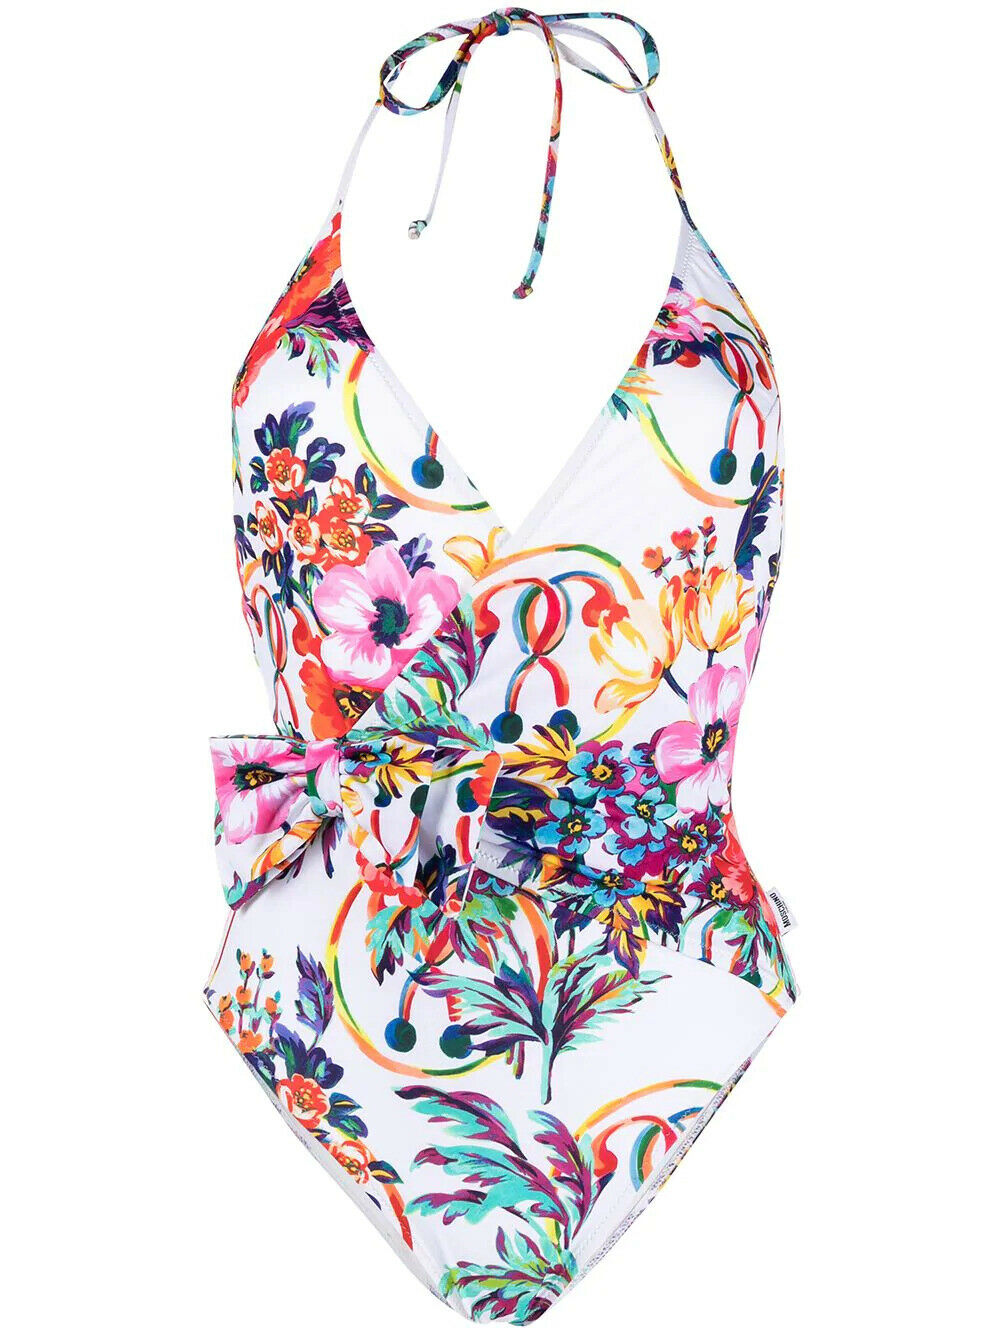 Moschino Badeanzug Weiß Mit Backformen Blumen 192MSD